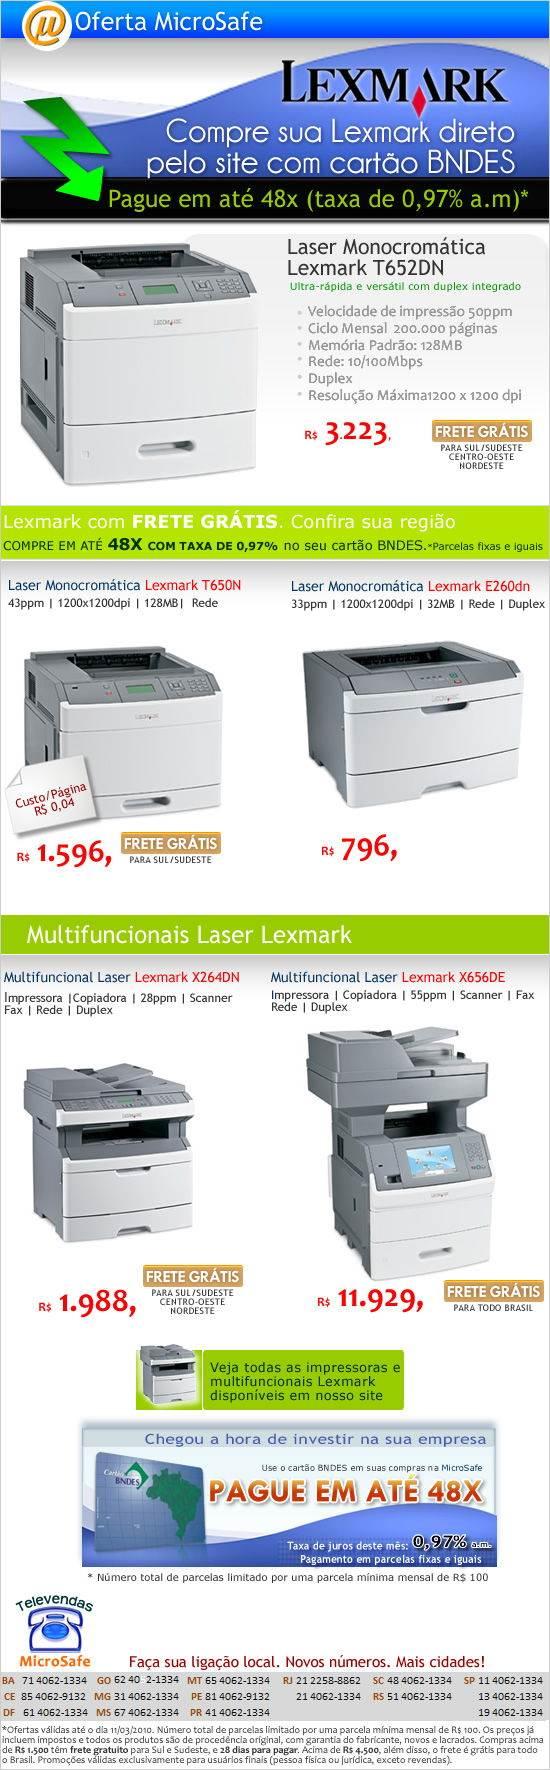 Compre sua Lexmark e pague em 48x no cartão BNDES